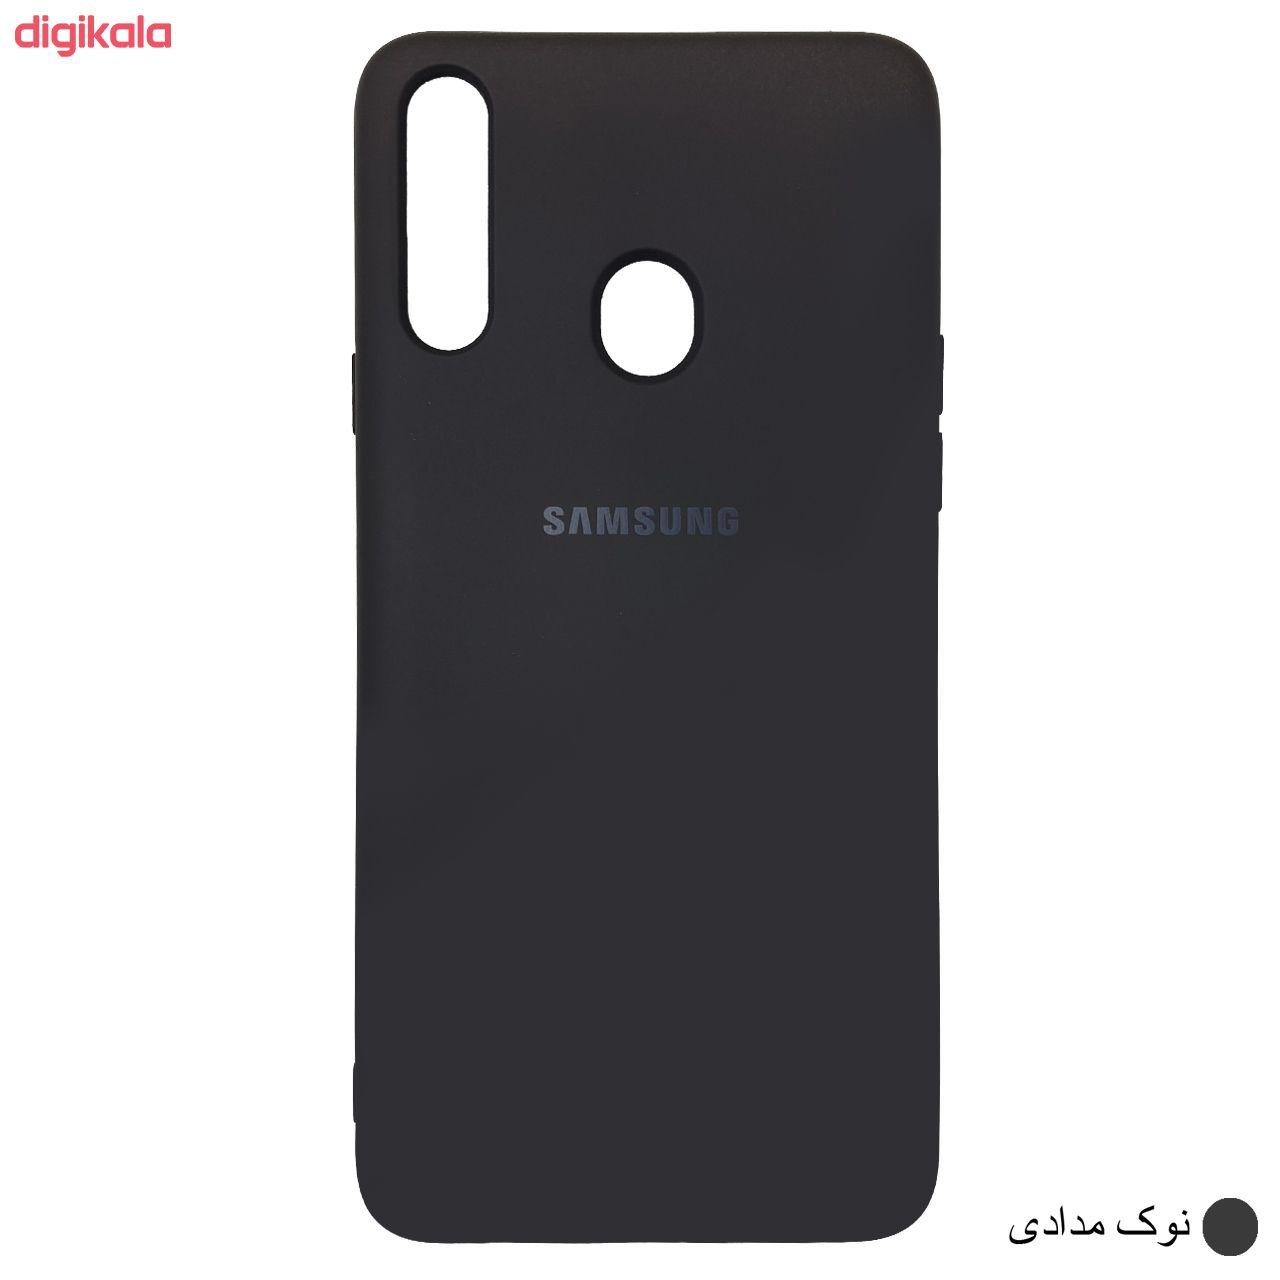 کاور مدل SCN مناسب برای گوشی موبایل سامسونگ Galaxy A20s main 1 24